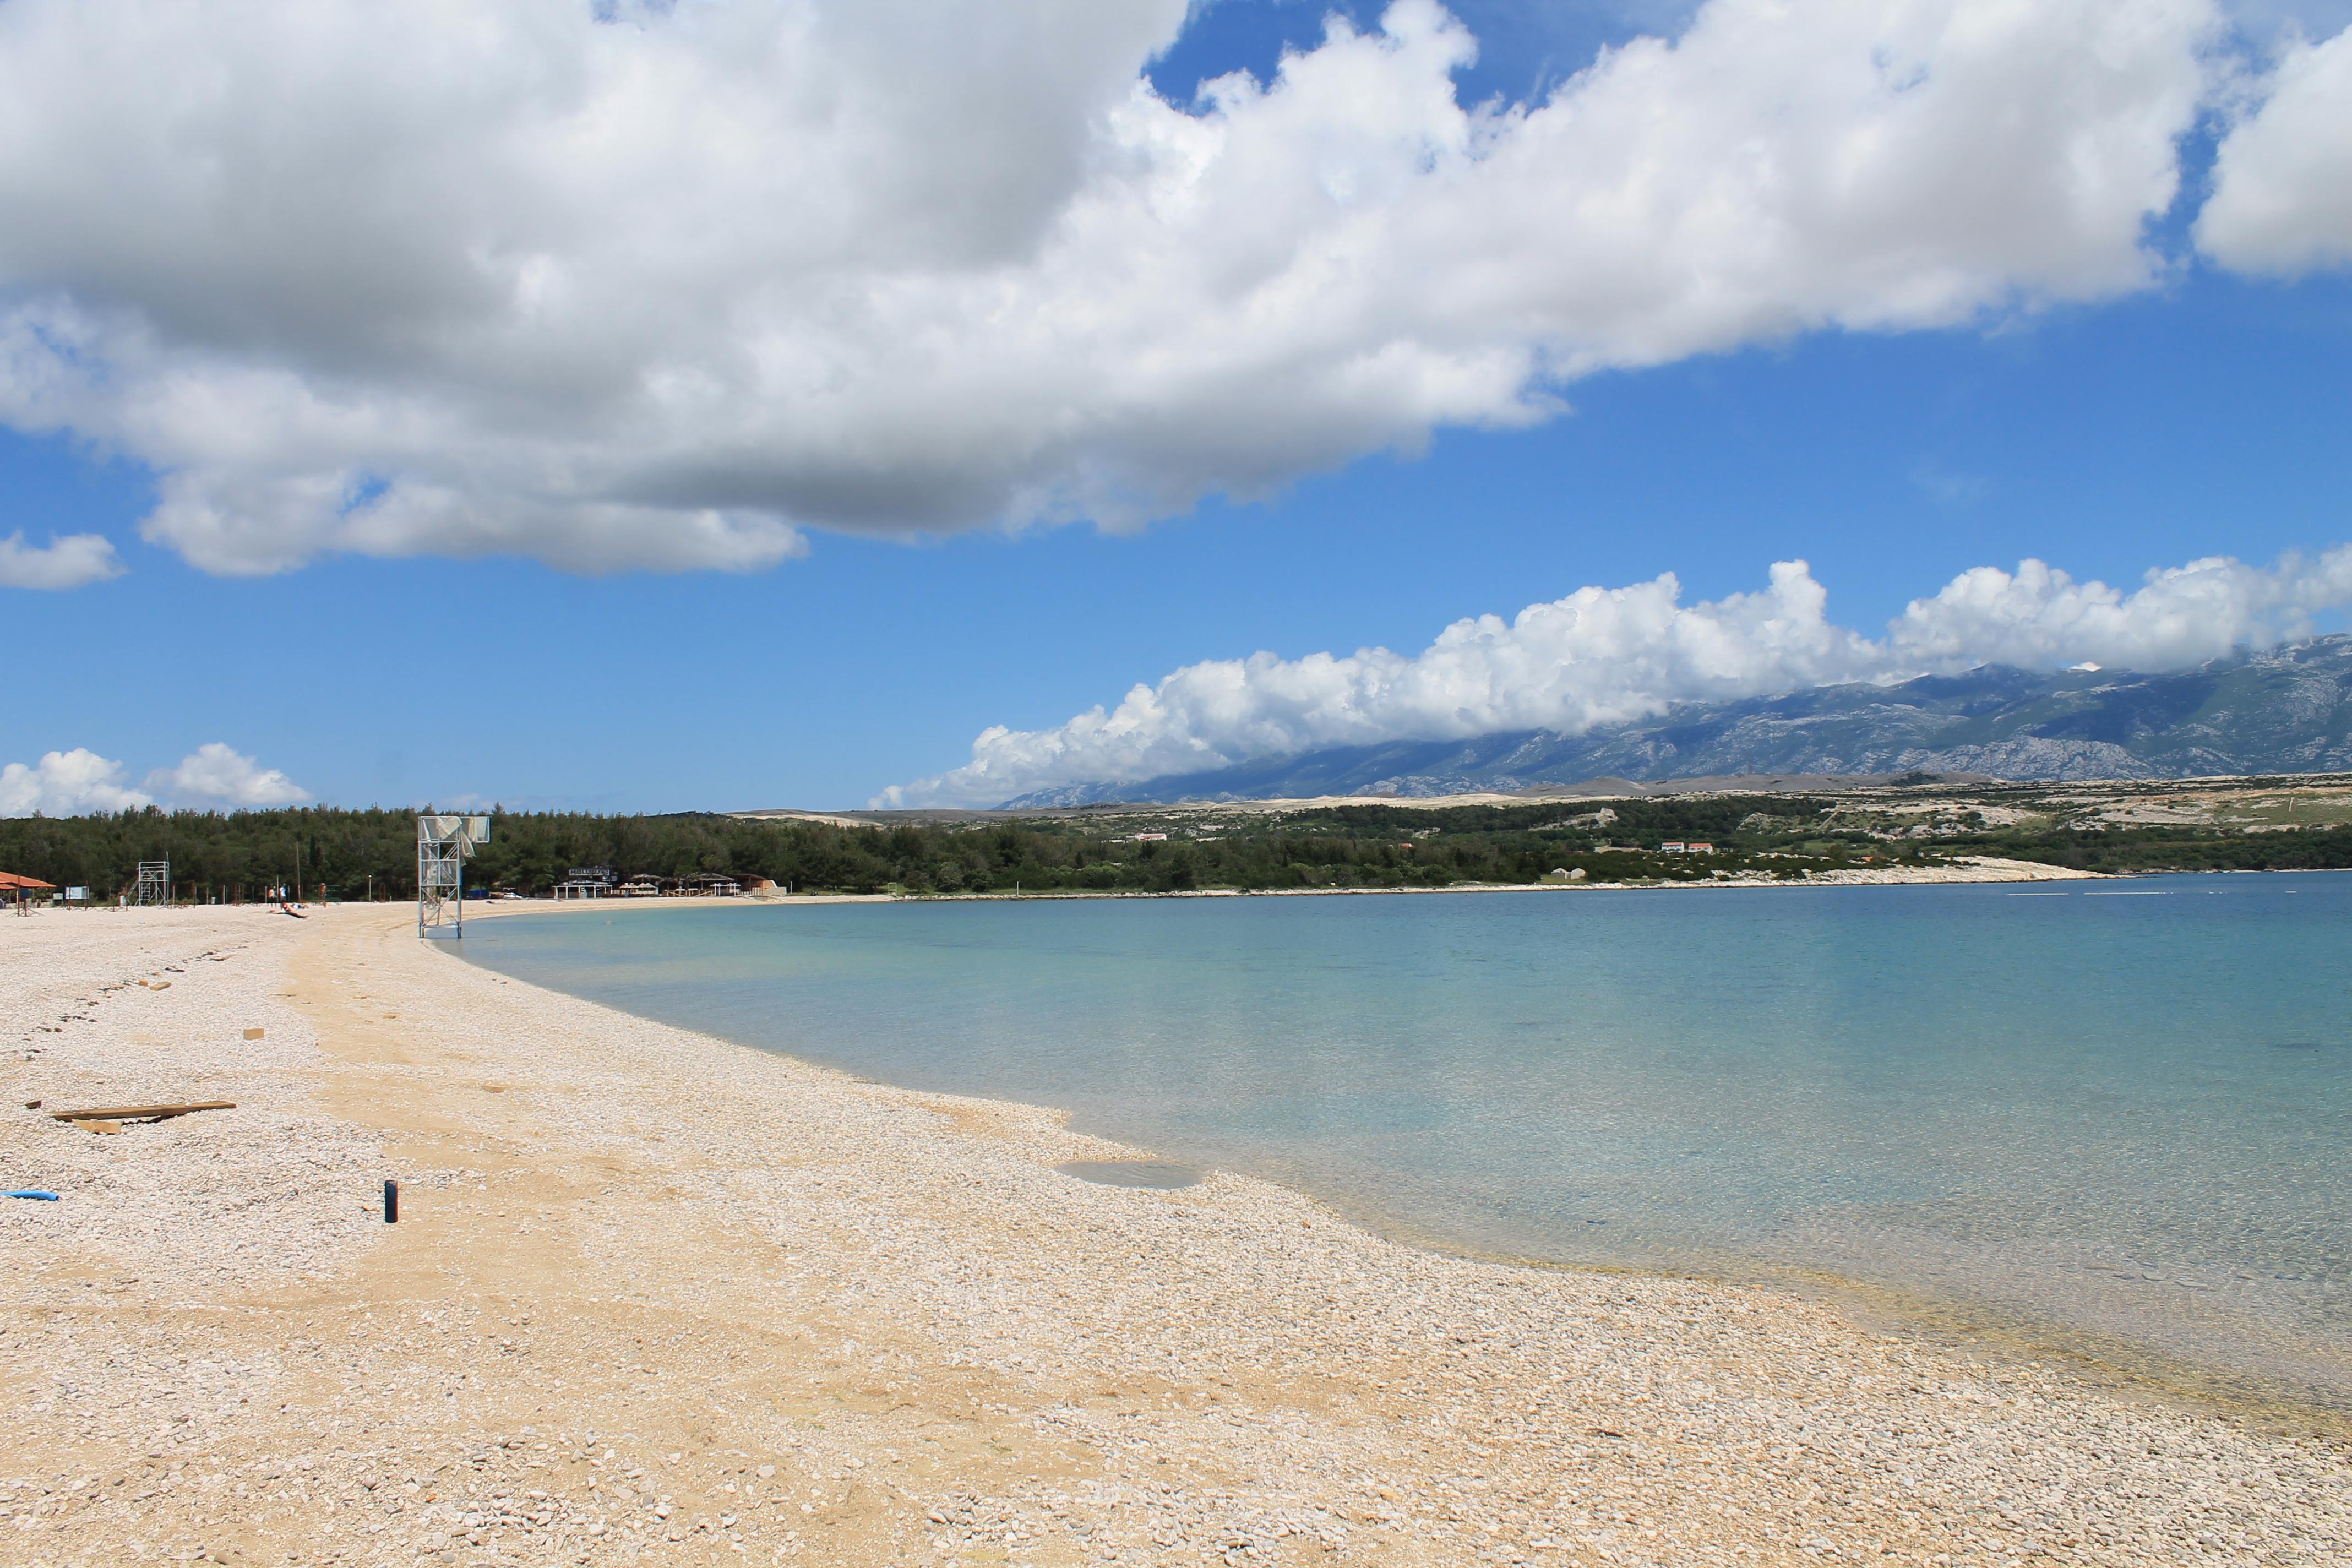 Zrce Beach Croatia Villas